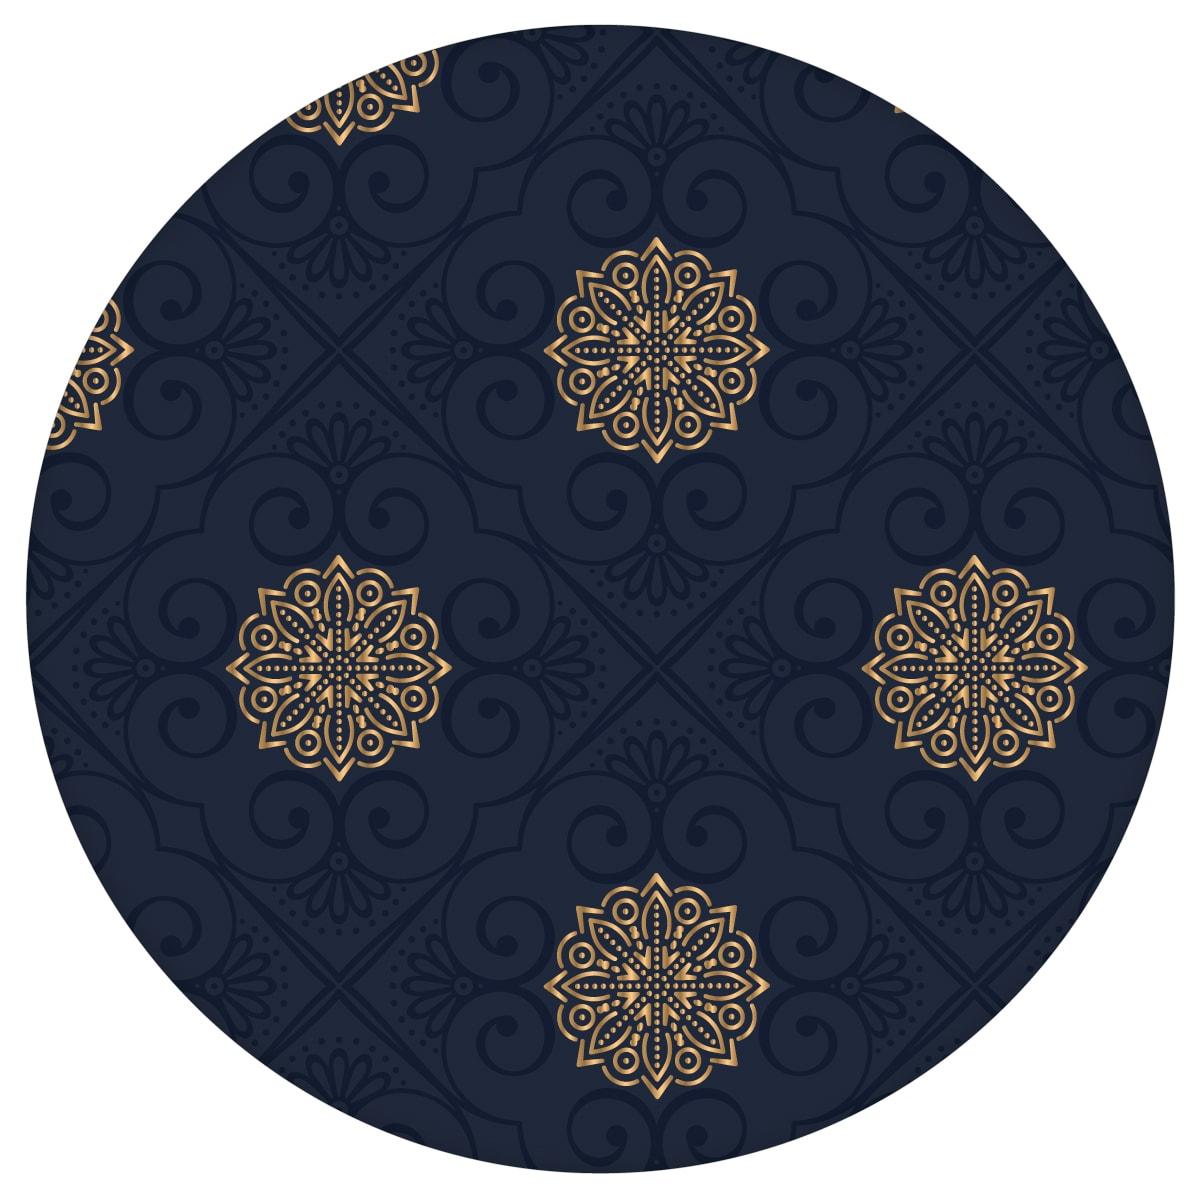 """Exklusive oriental Tapete """"Mandarin"""", dunkel blaue Vlies-Tapete, elegante Ornamenttapete für Schlafzimmer aus den Tapeten Neuheiten Exklusive Tapete für schönes Wohnen als Naturaltouch Luxus Vliestapete oder Basic Vliestapete"""